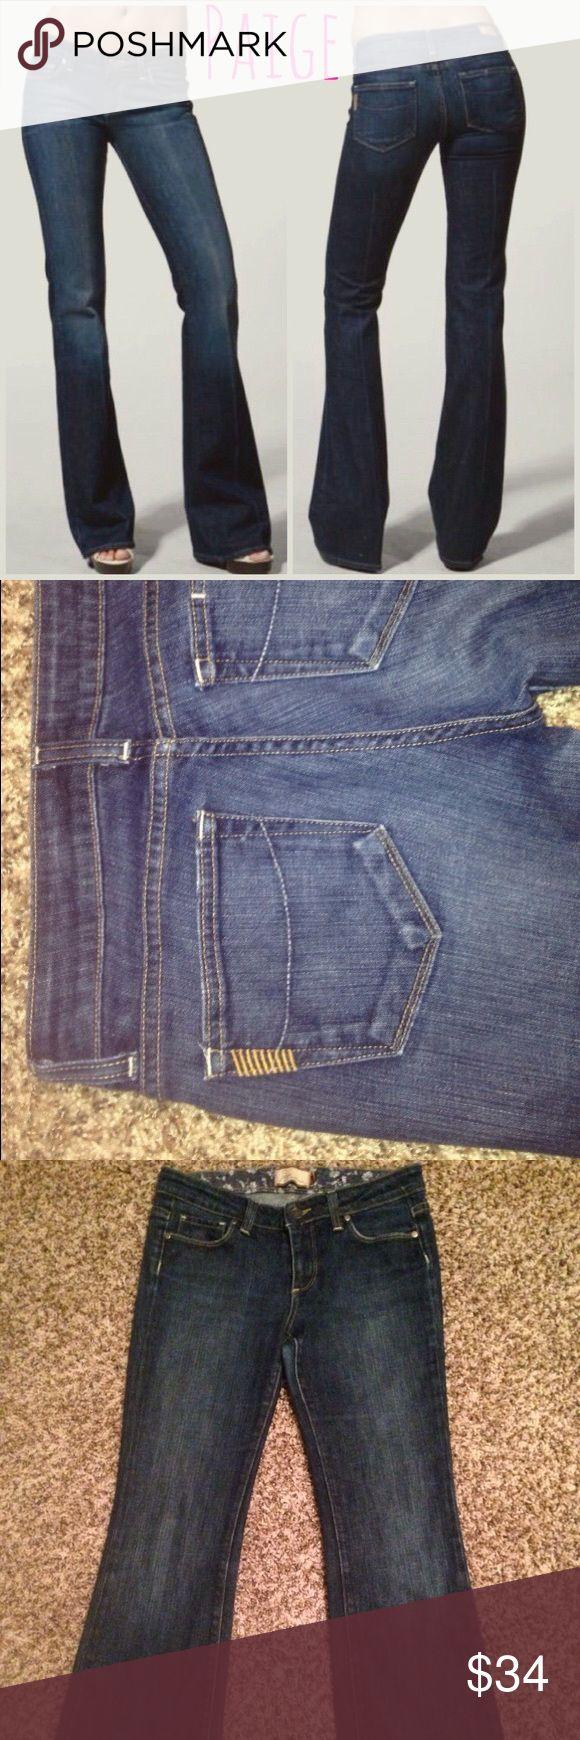 Paige Demin 🤑on sale!❤️dark wash Paige Jeans. Size 28 Paige Jeans Jeans Boot Cut